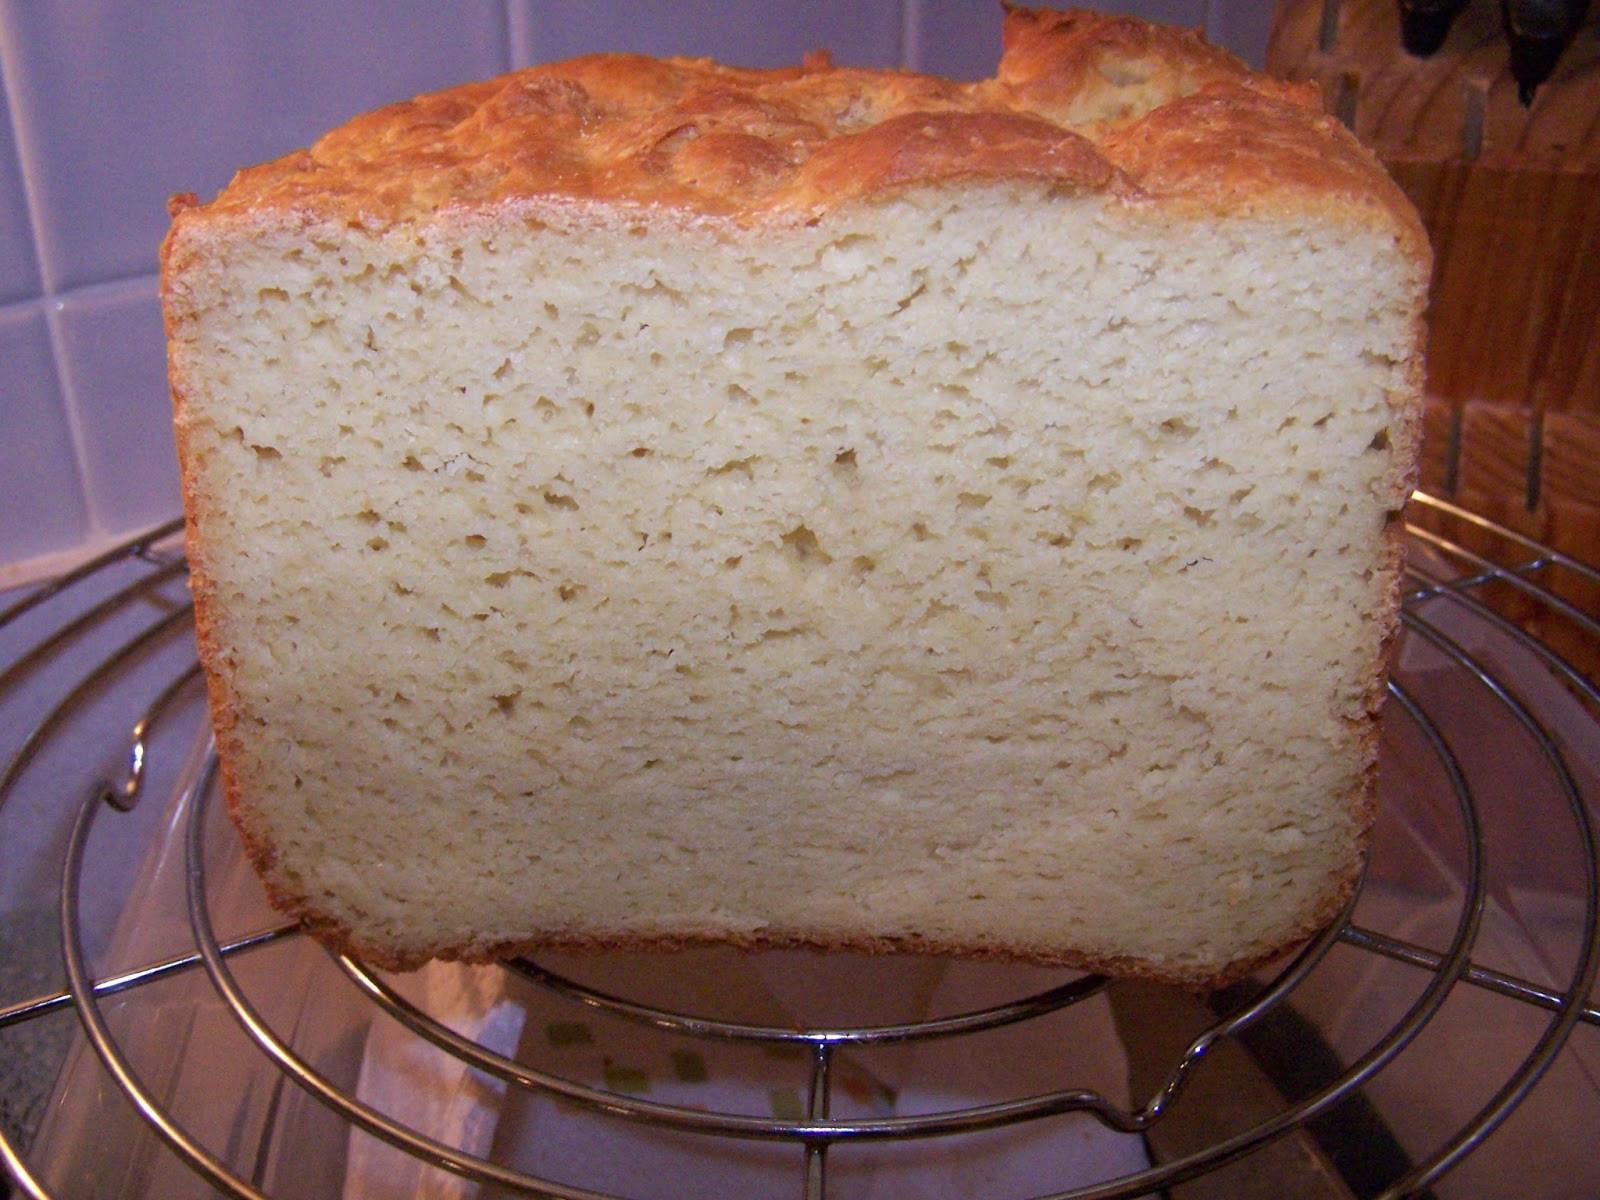 Gluten Free Bread Recipe Bread Machine  Easy & Economical Gluten Free Bread in the Bread Machine